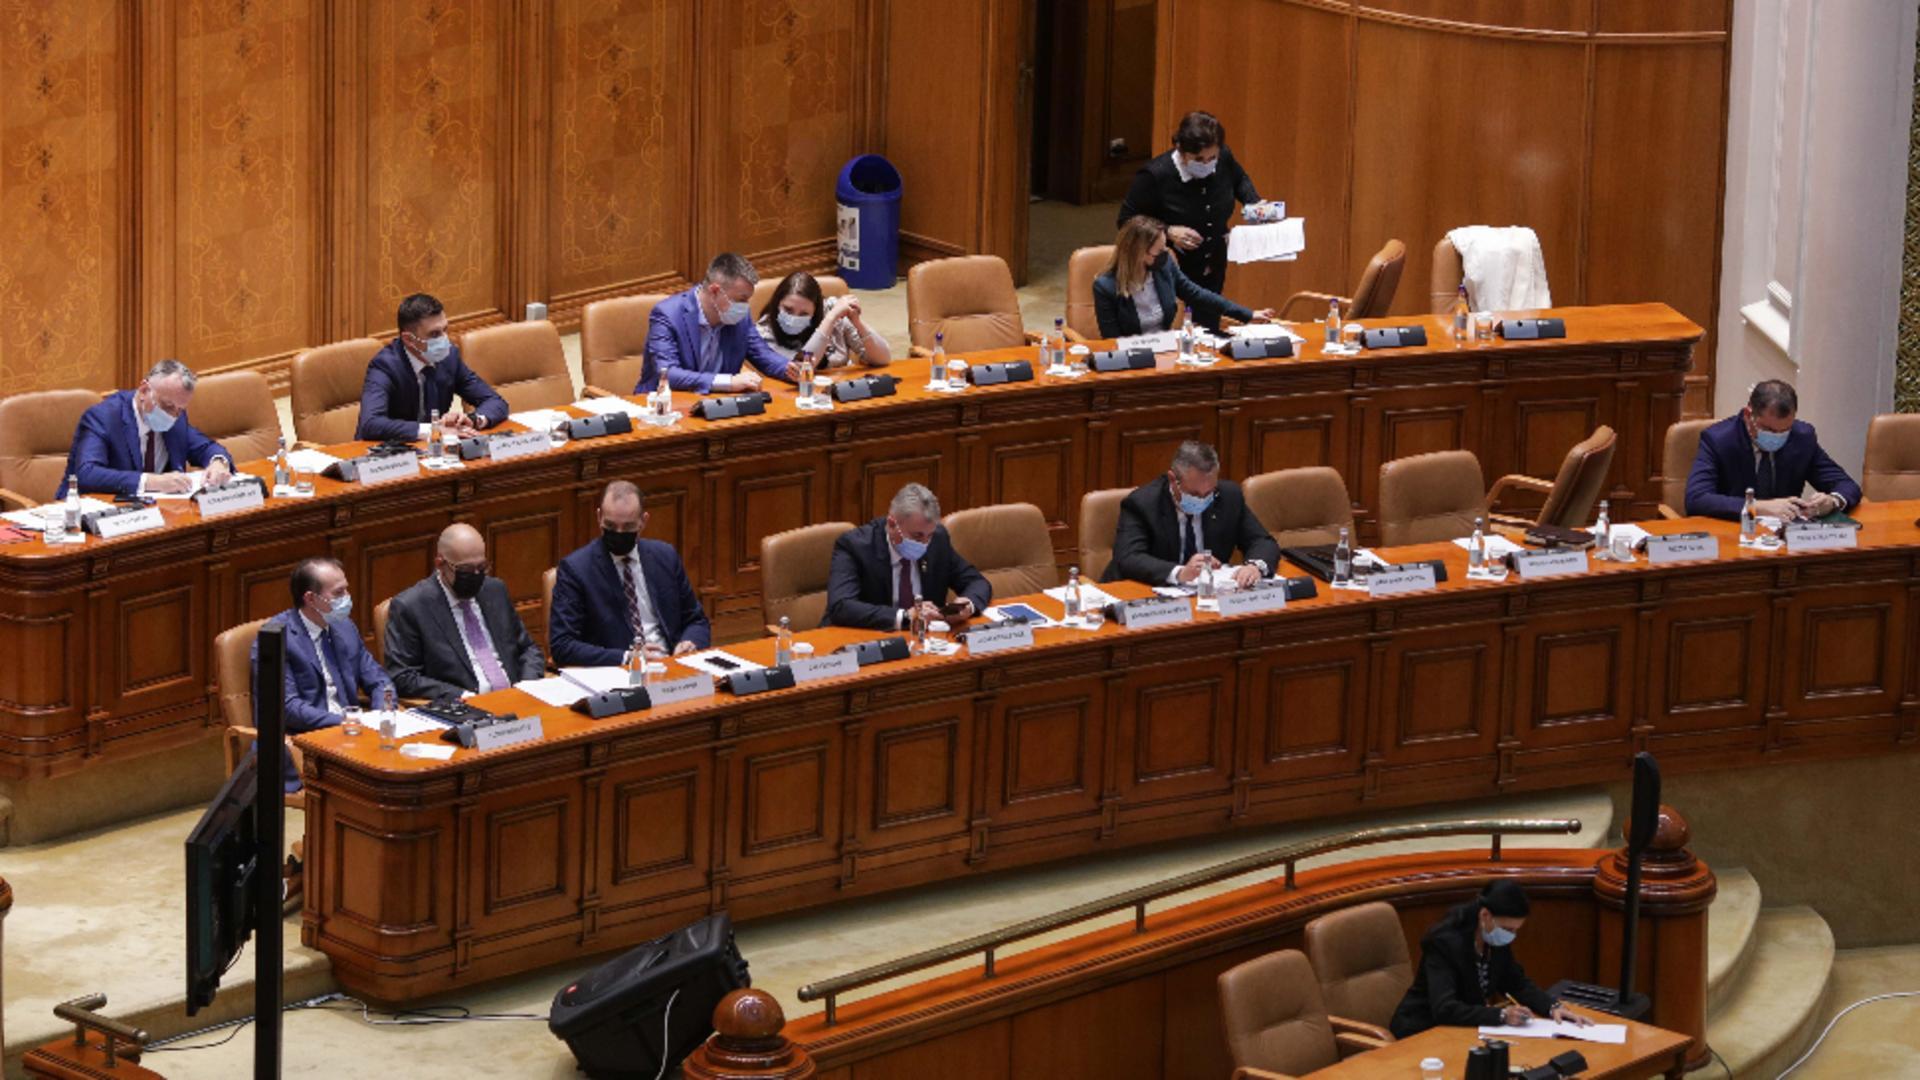 Presa internaţională, despre demiterea Guvernului Cîţu: Deschide o perioadă de instabilitate politică